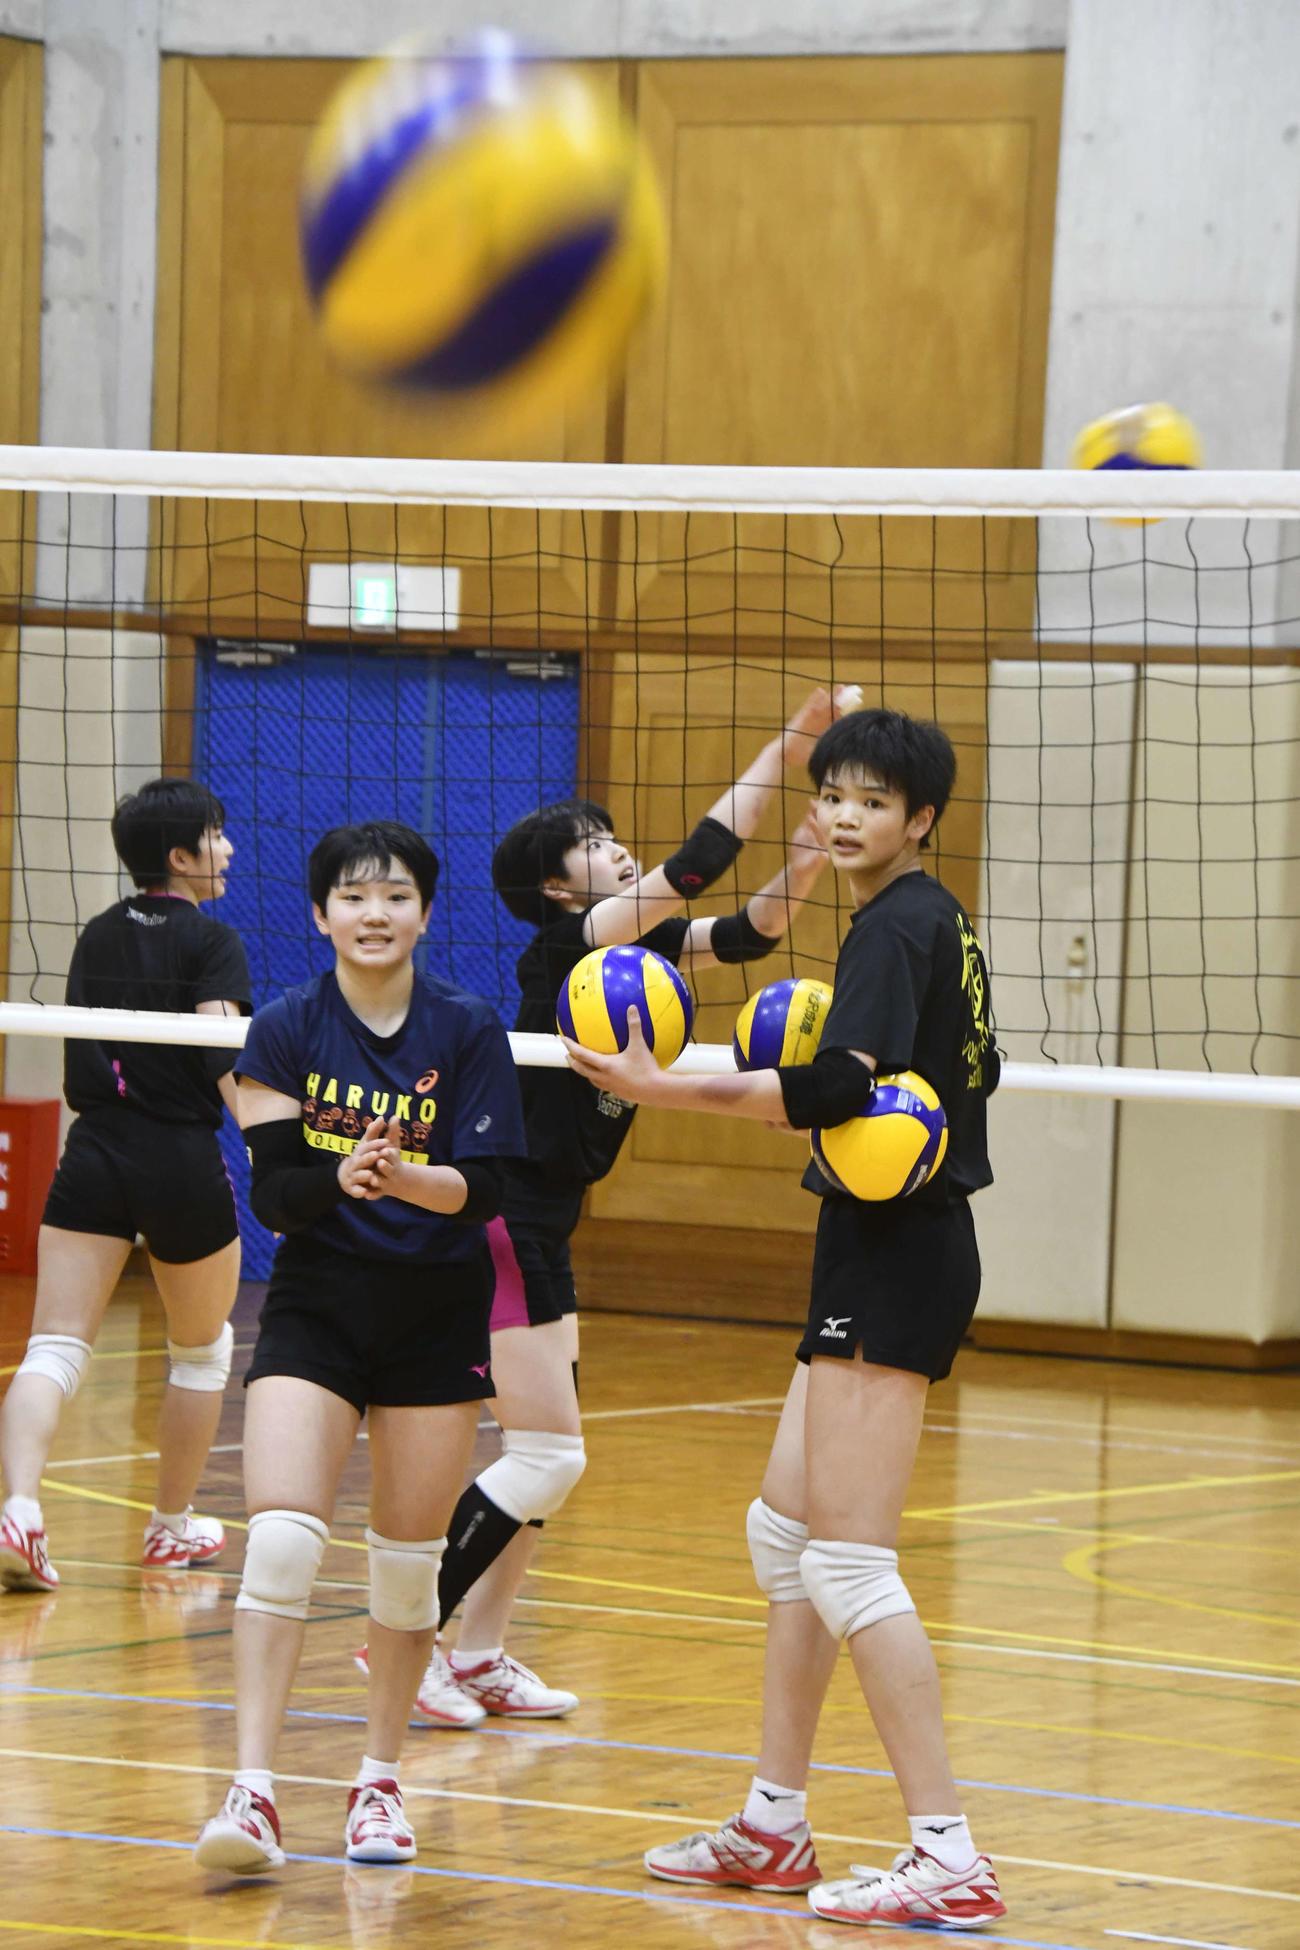 新チームのエースとして期待される1年生の古川さん(右)(撮影・平山連)